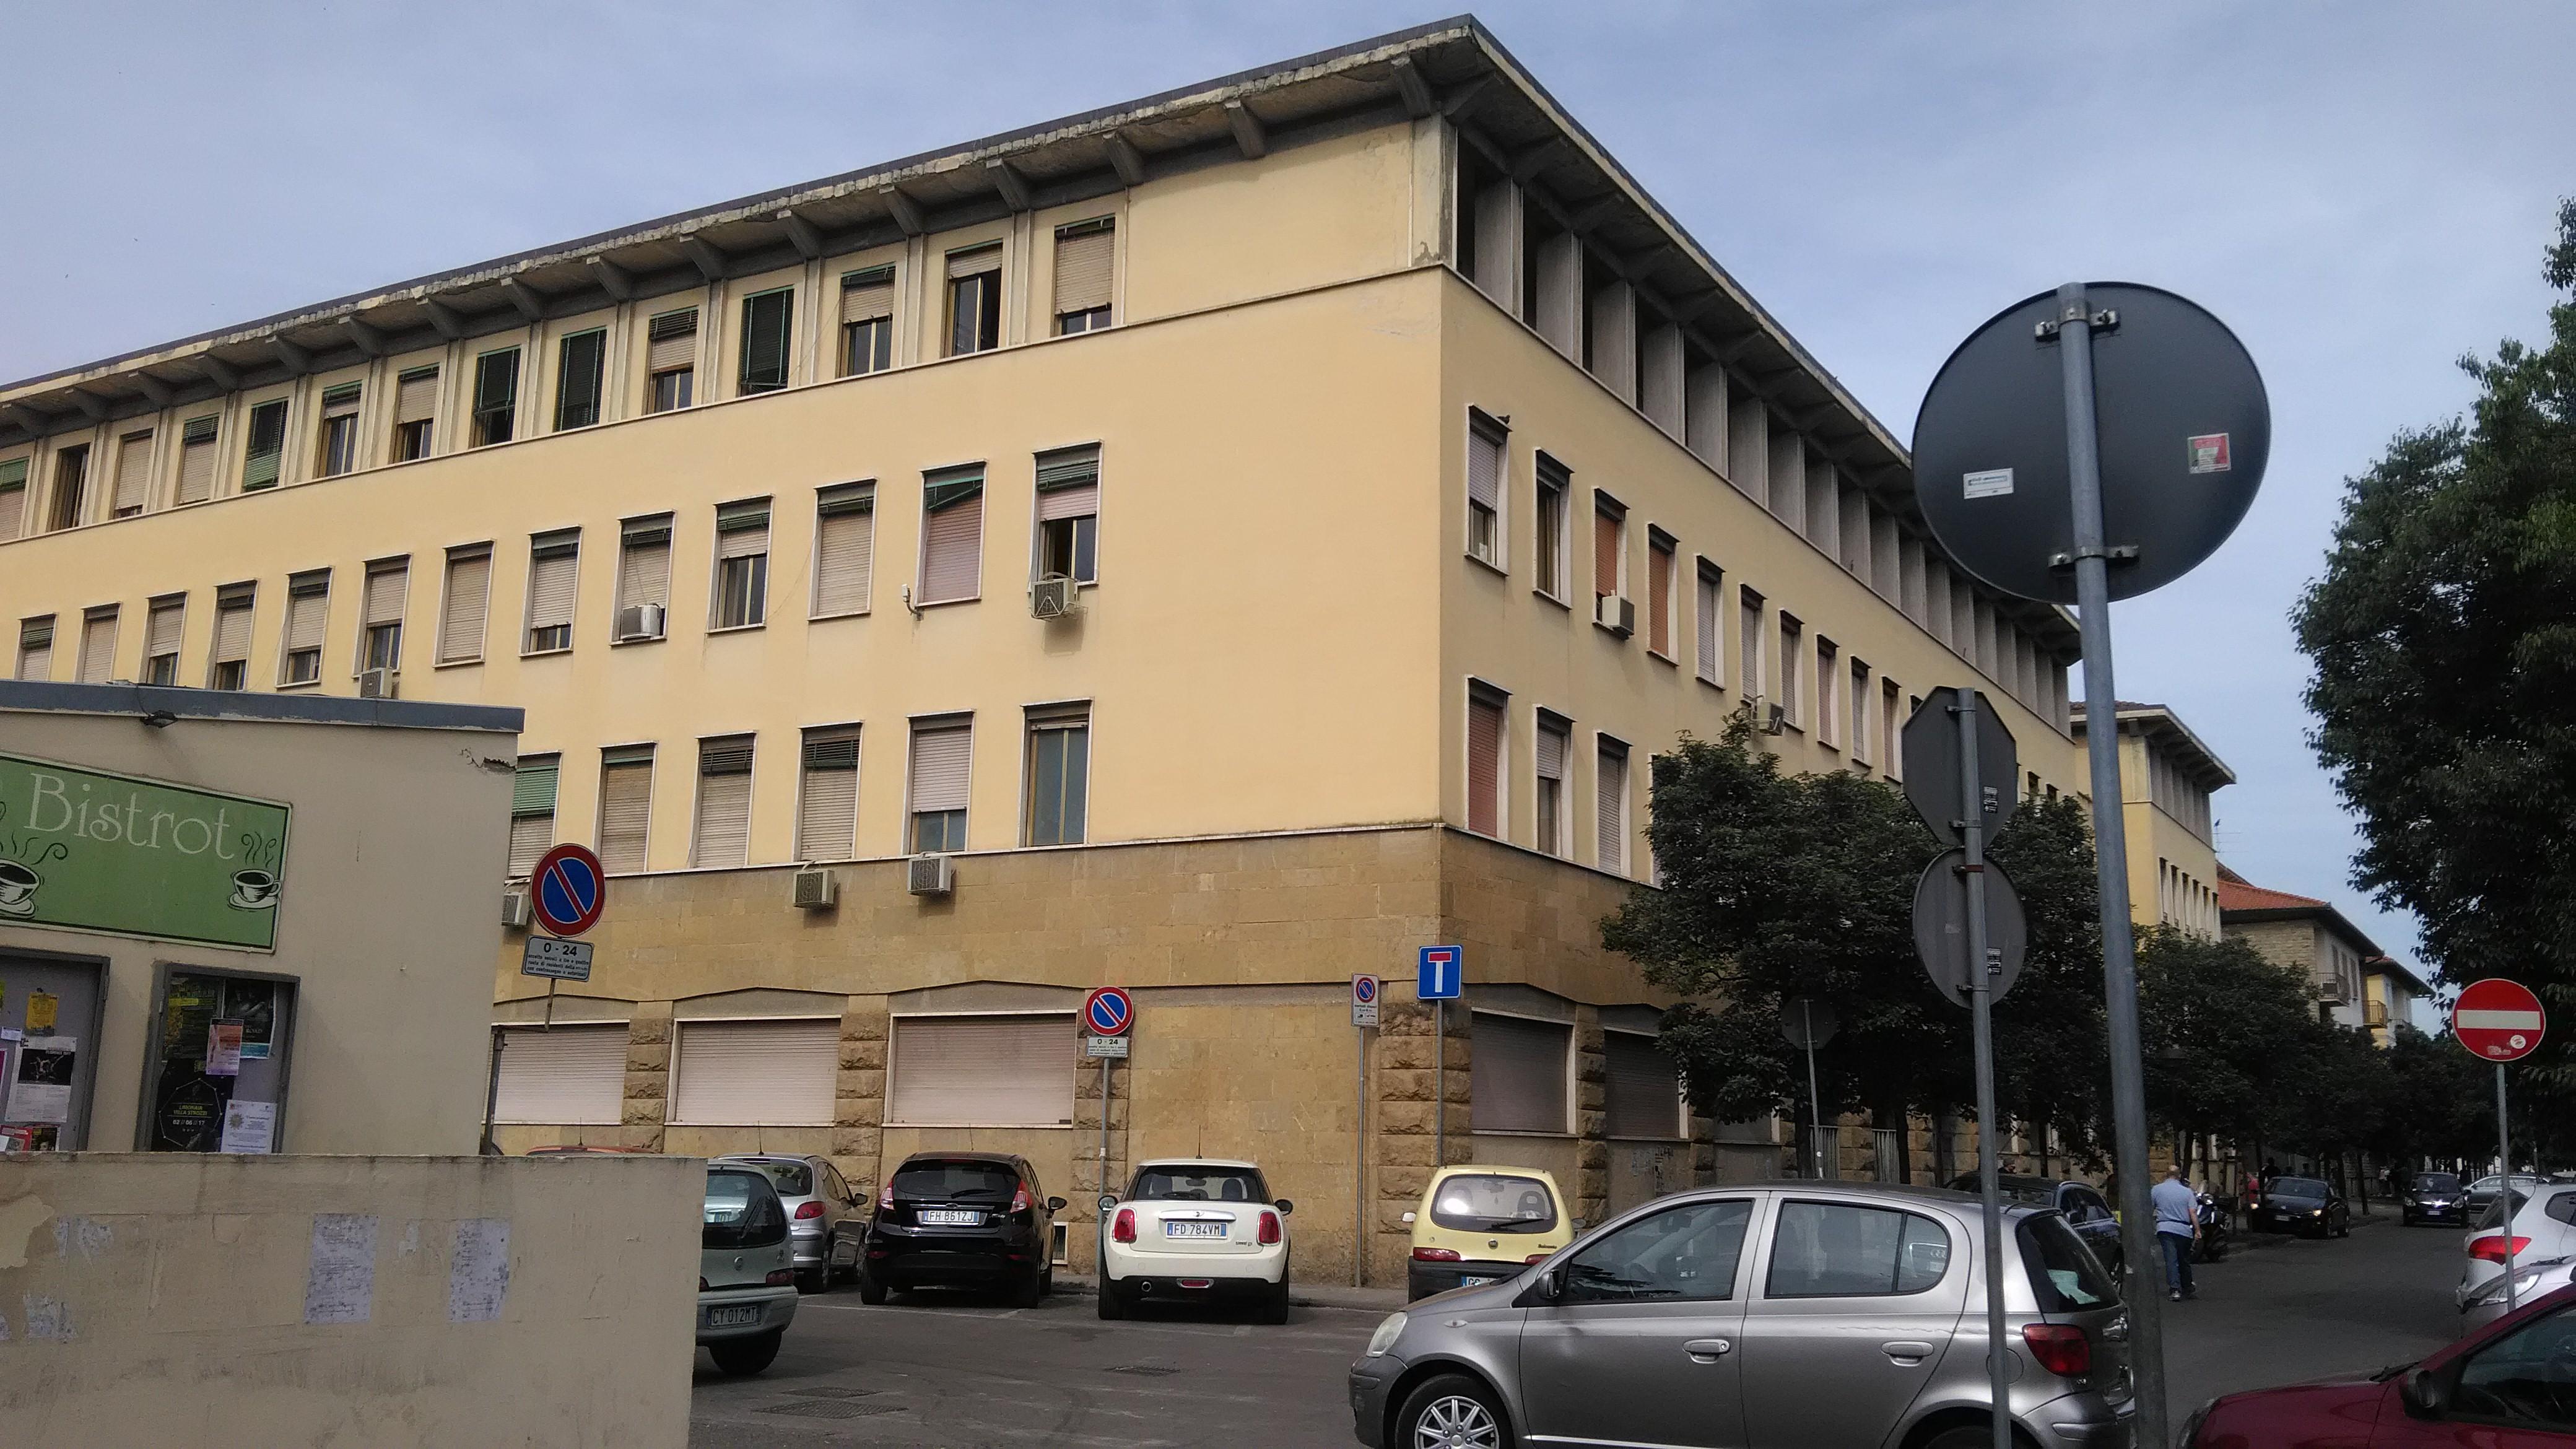 Asl Lungarno Santa Rosa (5)